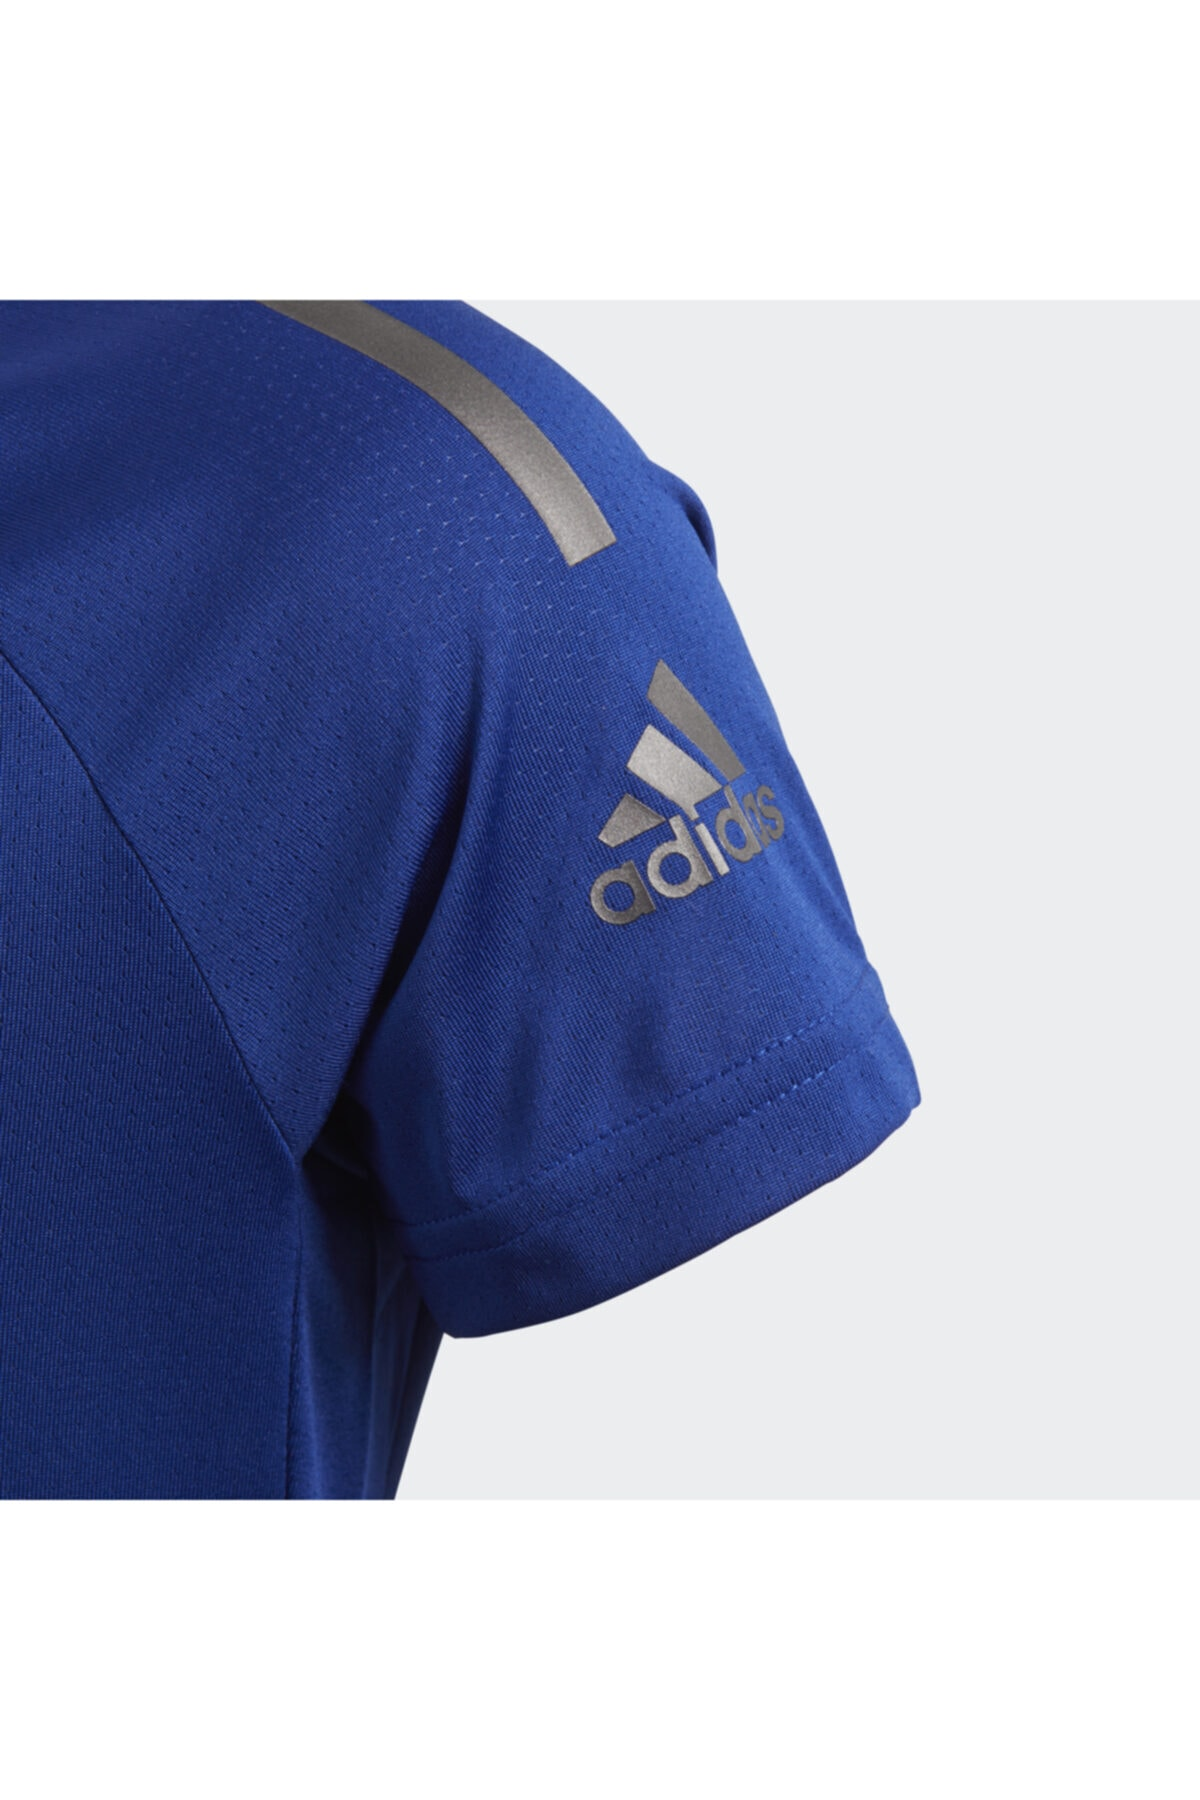 adidas Kız Çocuk Mavi T-Shirt DJ1077